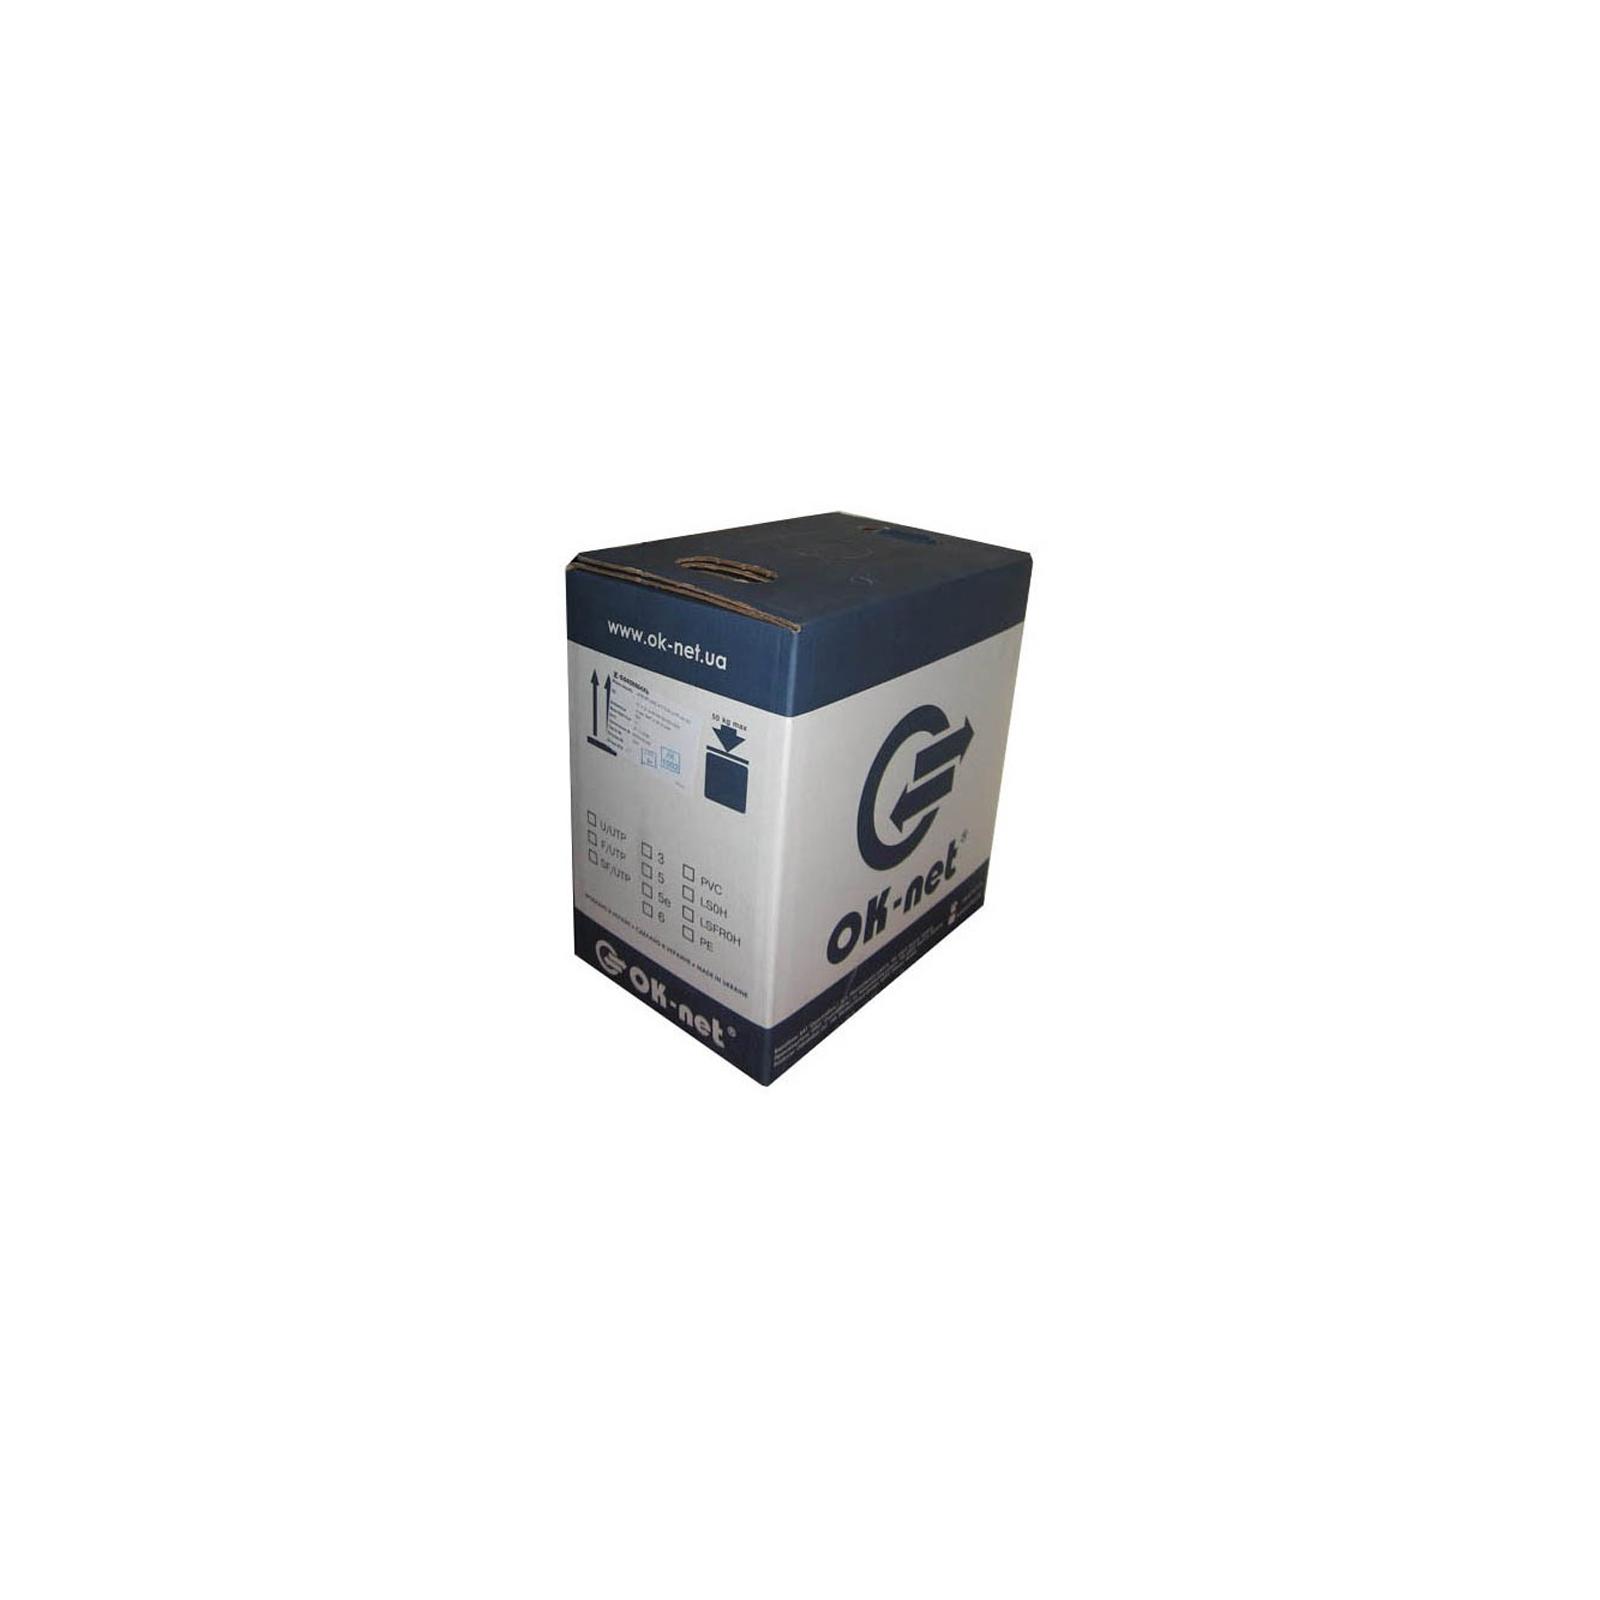 Кабель сетевой FTP 305м OK-Net (КППЭ-ВП (100) 4*2*0,51) изображение 2